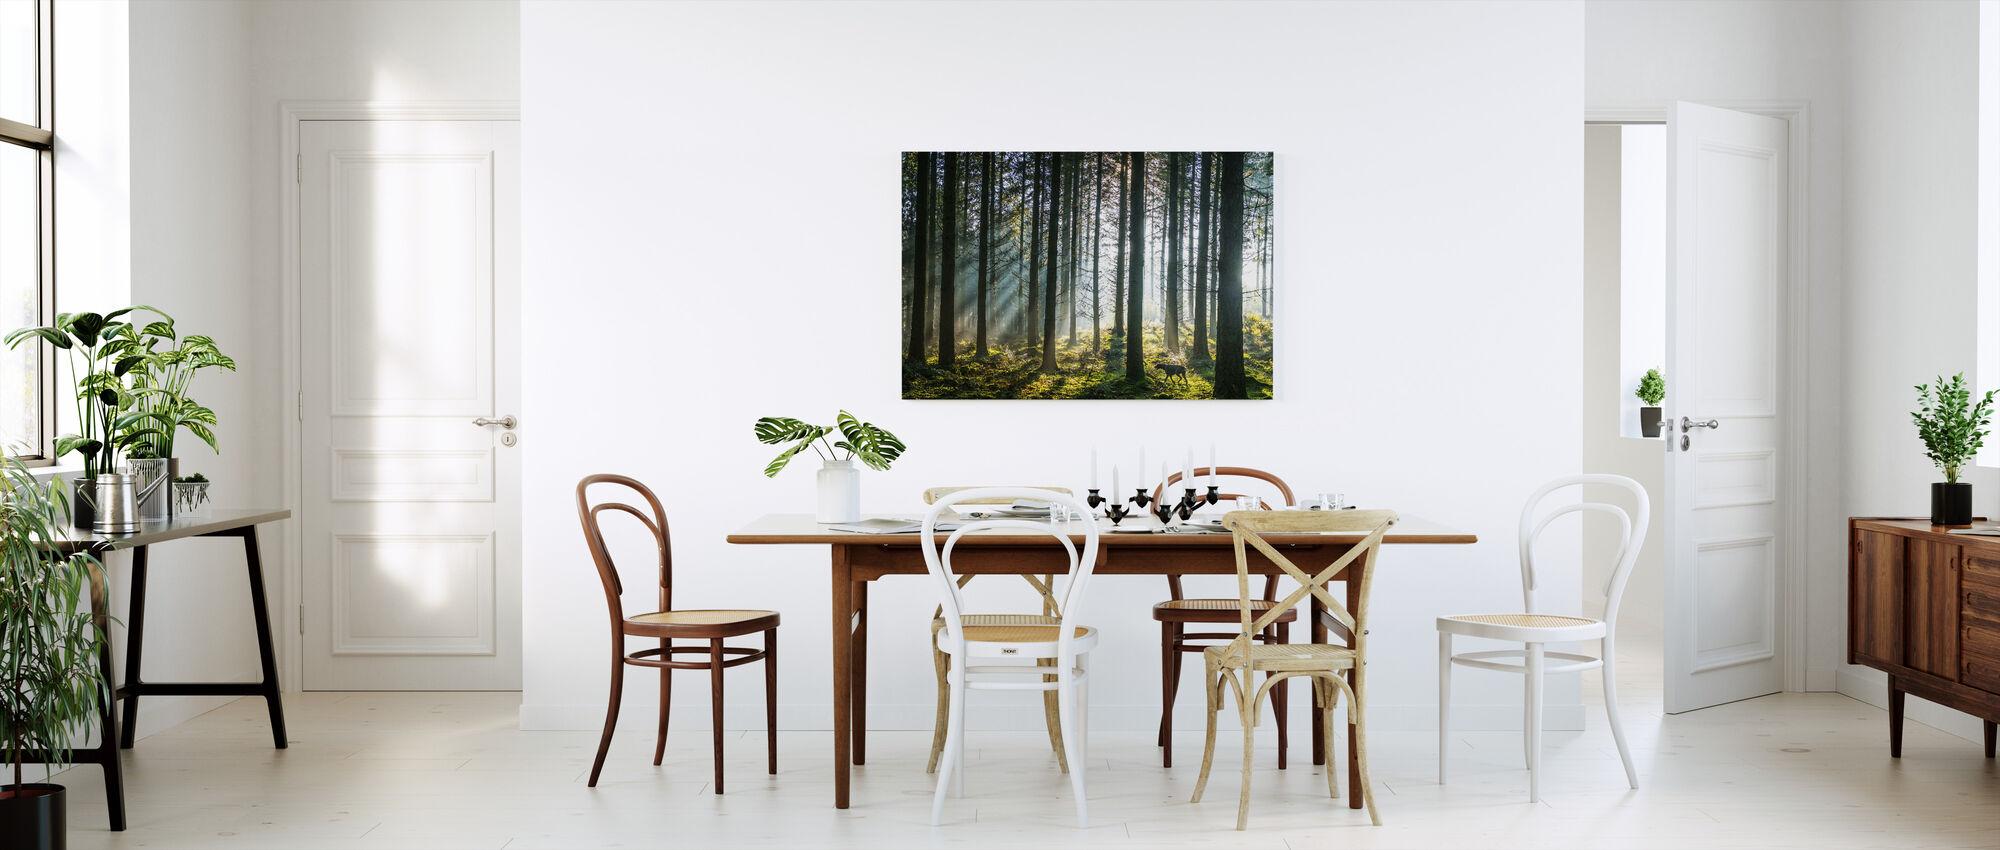 Misty Pine Forest - Canvas print - Kitchen